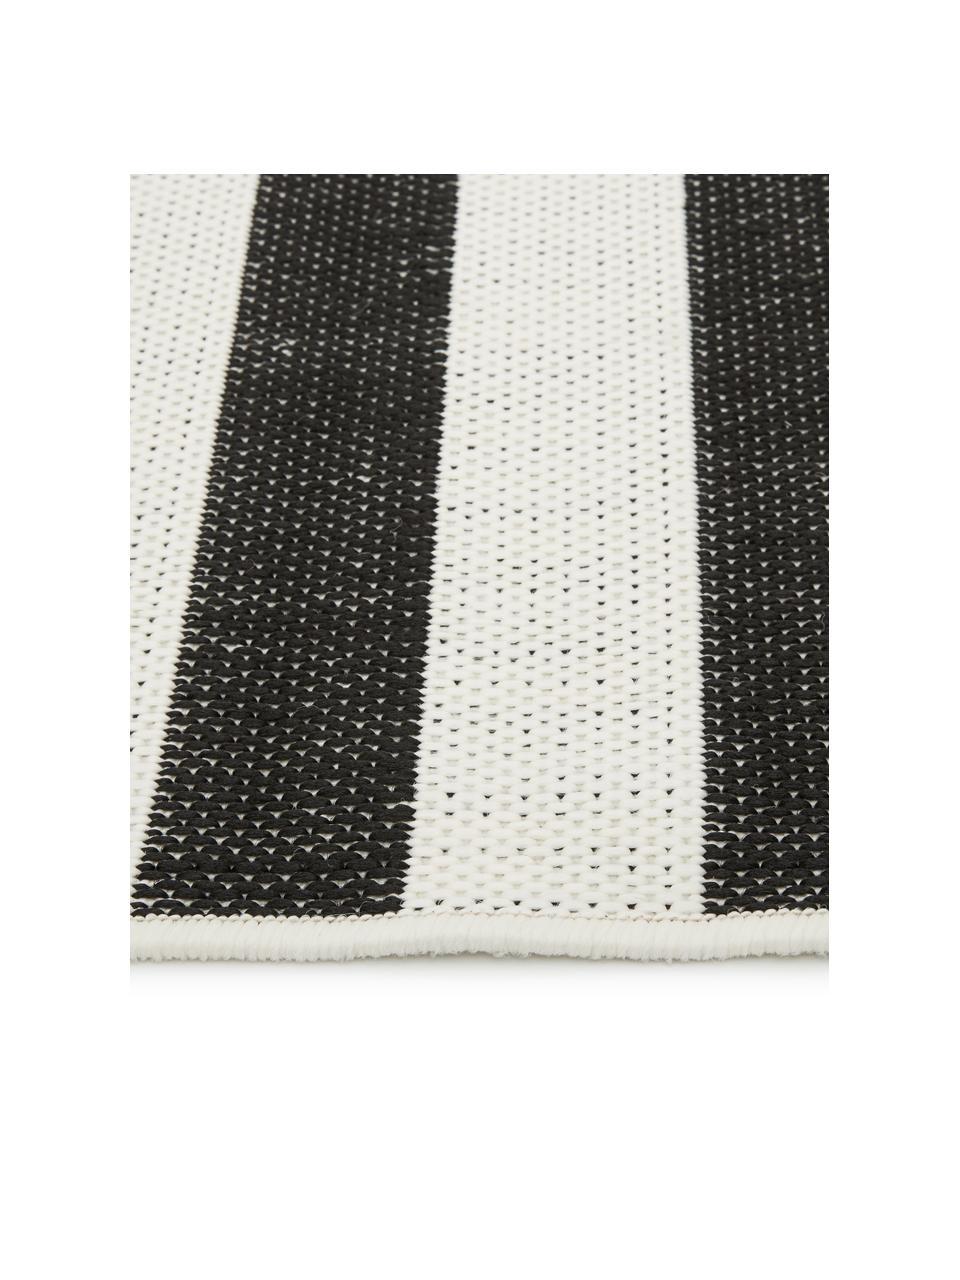 Dywan wewnętrzny/zewnętrzny Axa, 86% polipropylen, 14% poliester, Kremowobiały, czarny, S 200 x D 290 cm (Rozmiar L)